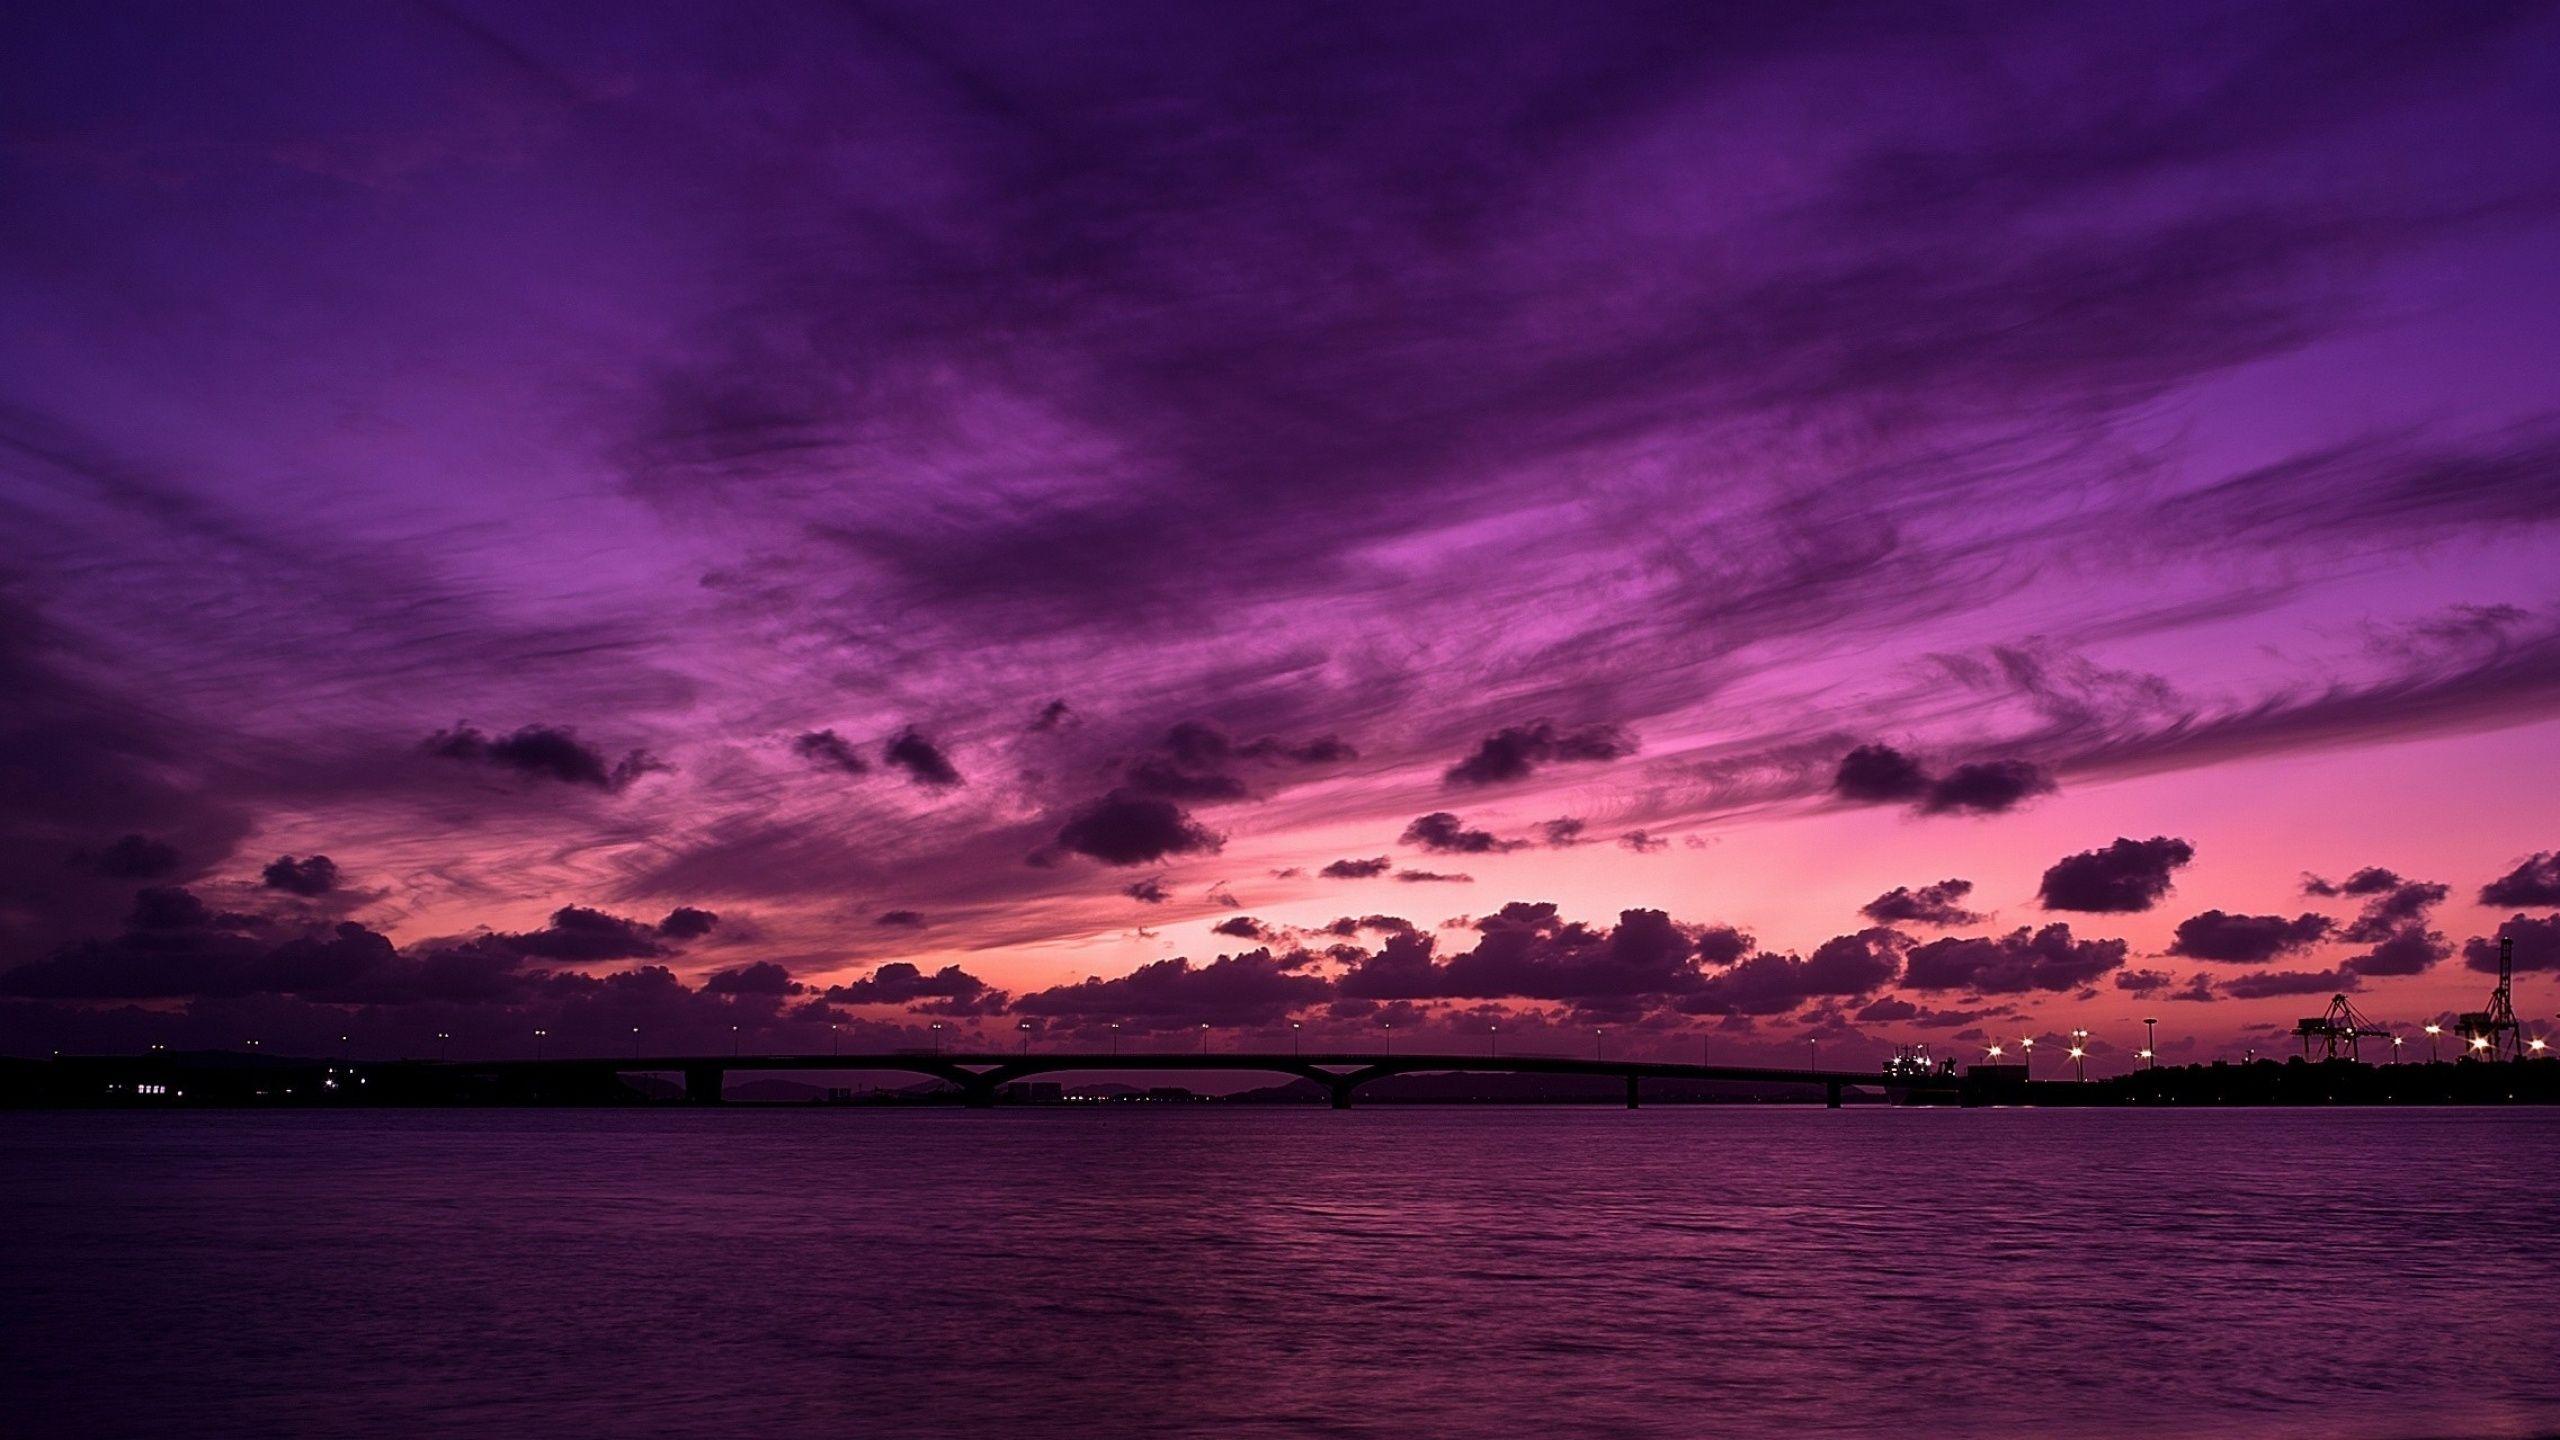 Purple Wallpaper Hd Wallpaper 1369835 Wallpapers Sky Purple Wallpaper Hd Purple Wallpaper